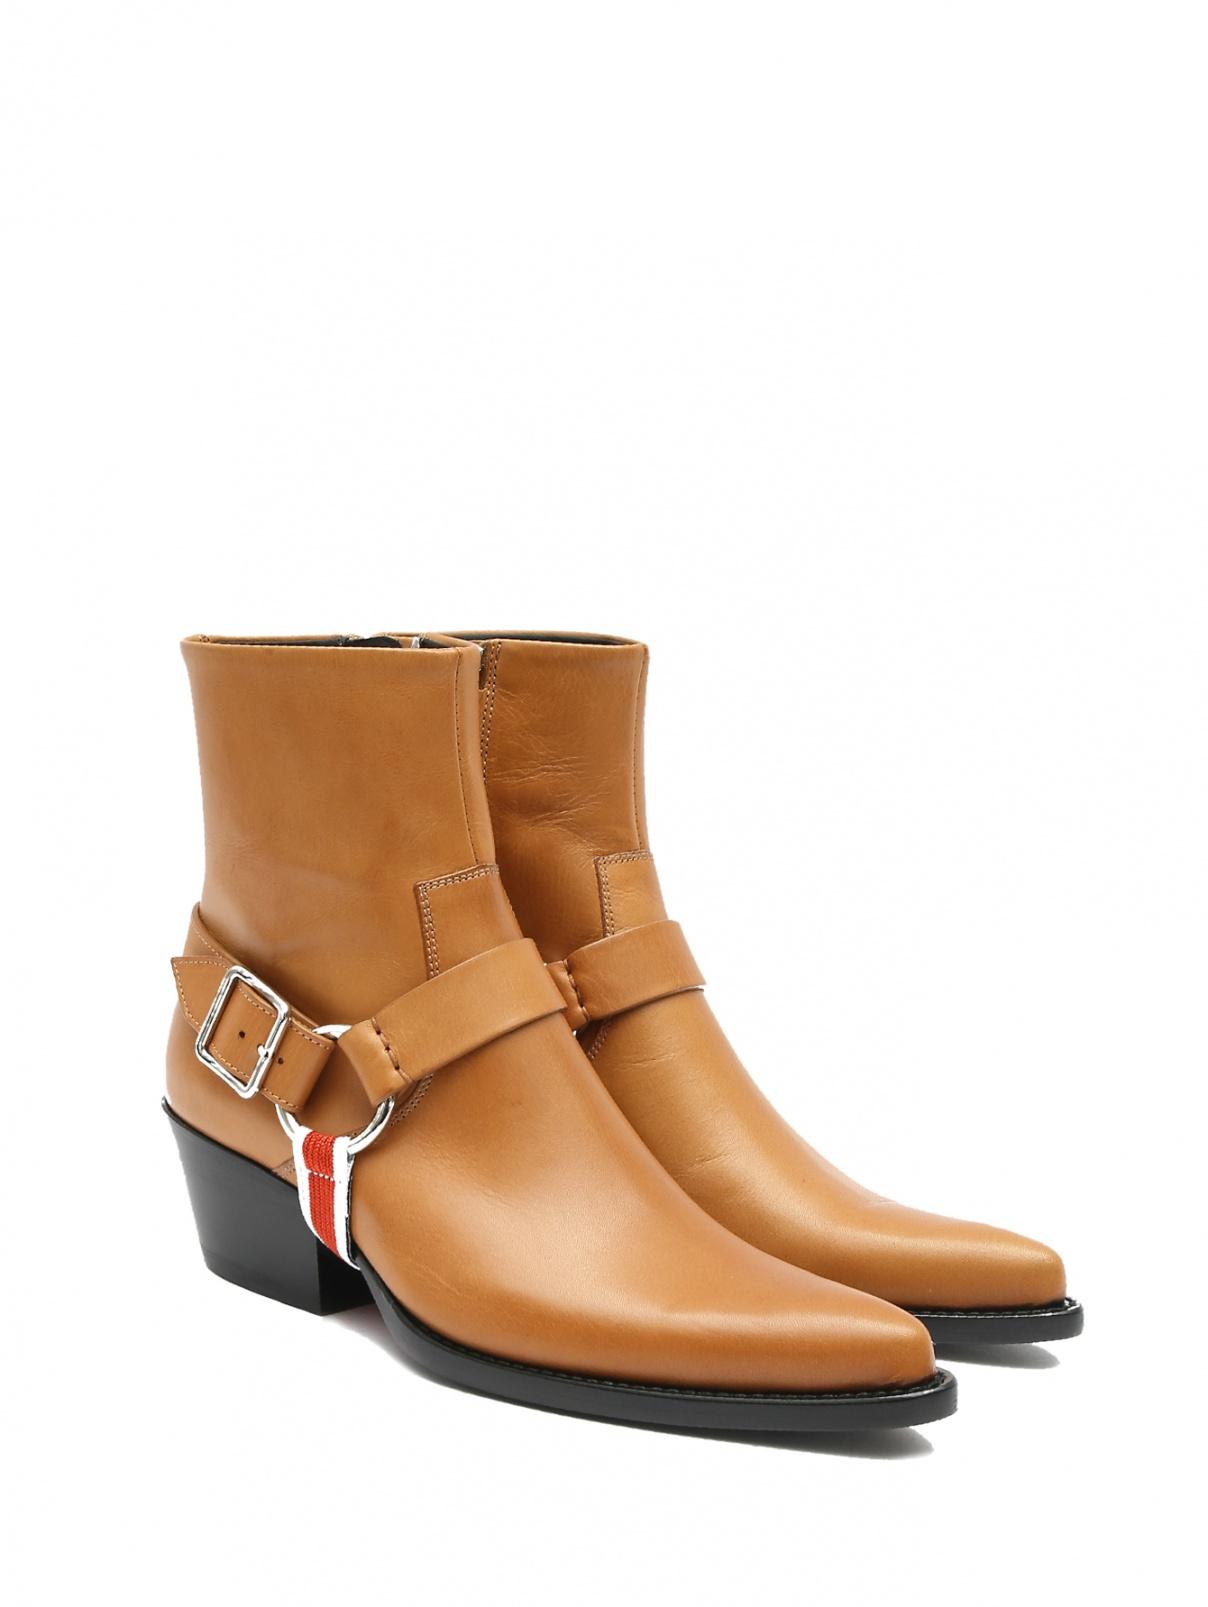 Ботинки кожаные Calvin Klein 205W39NYC  –  Общий вид  – Цвет:  Оранжевый